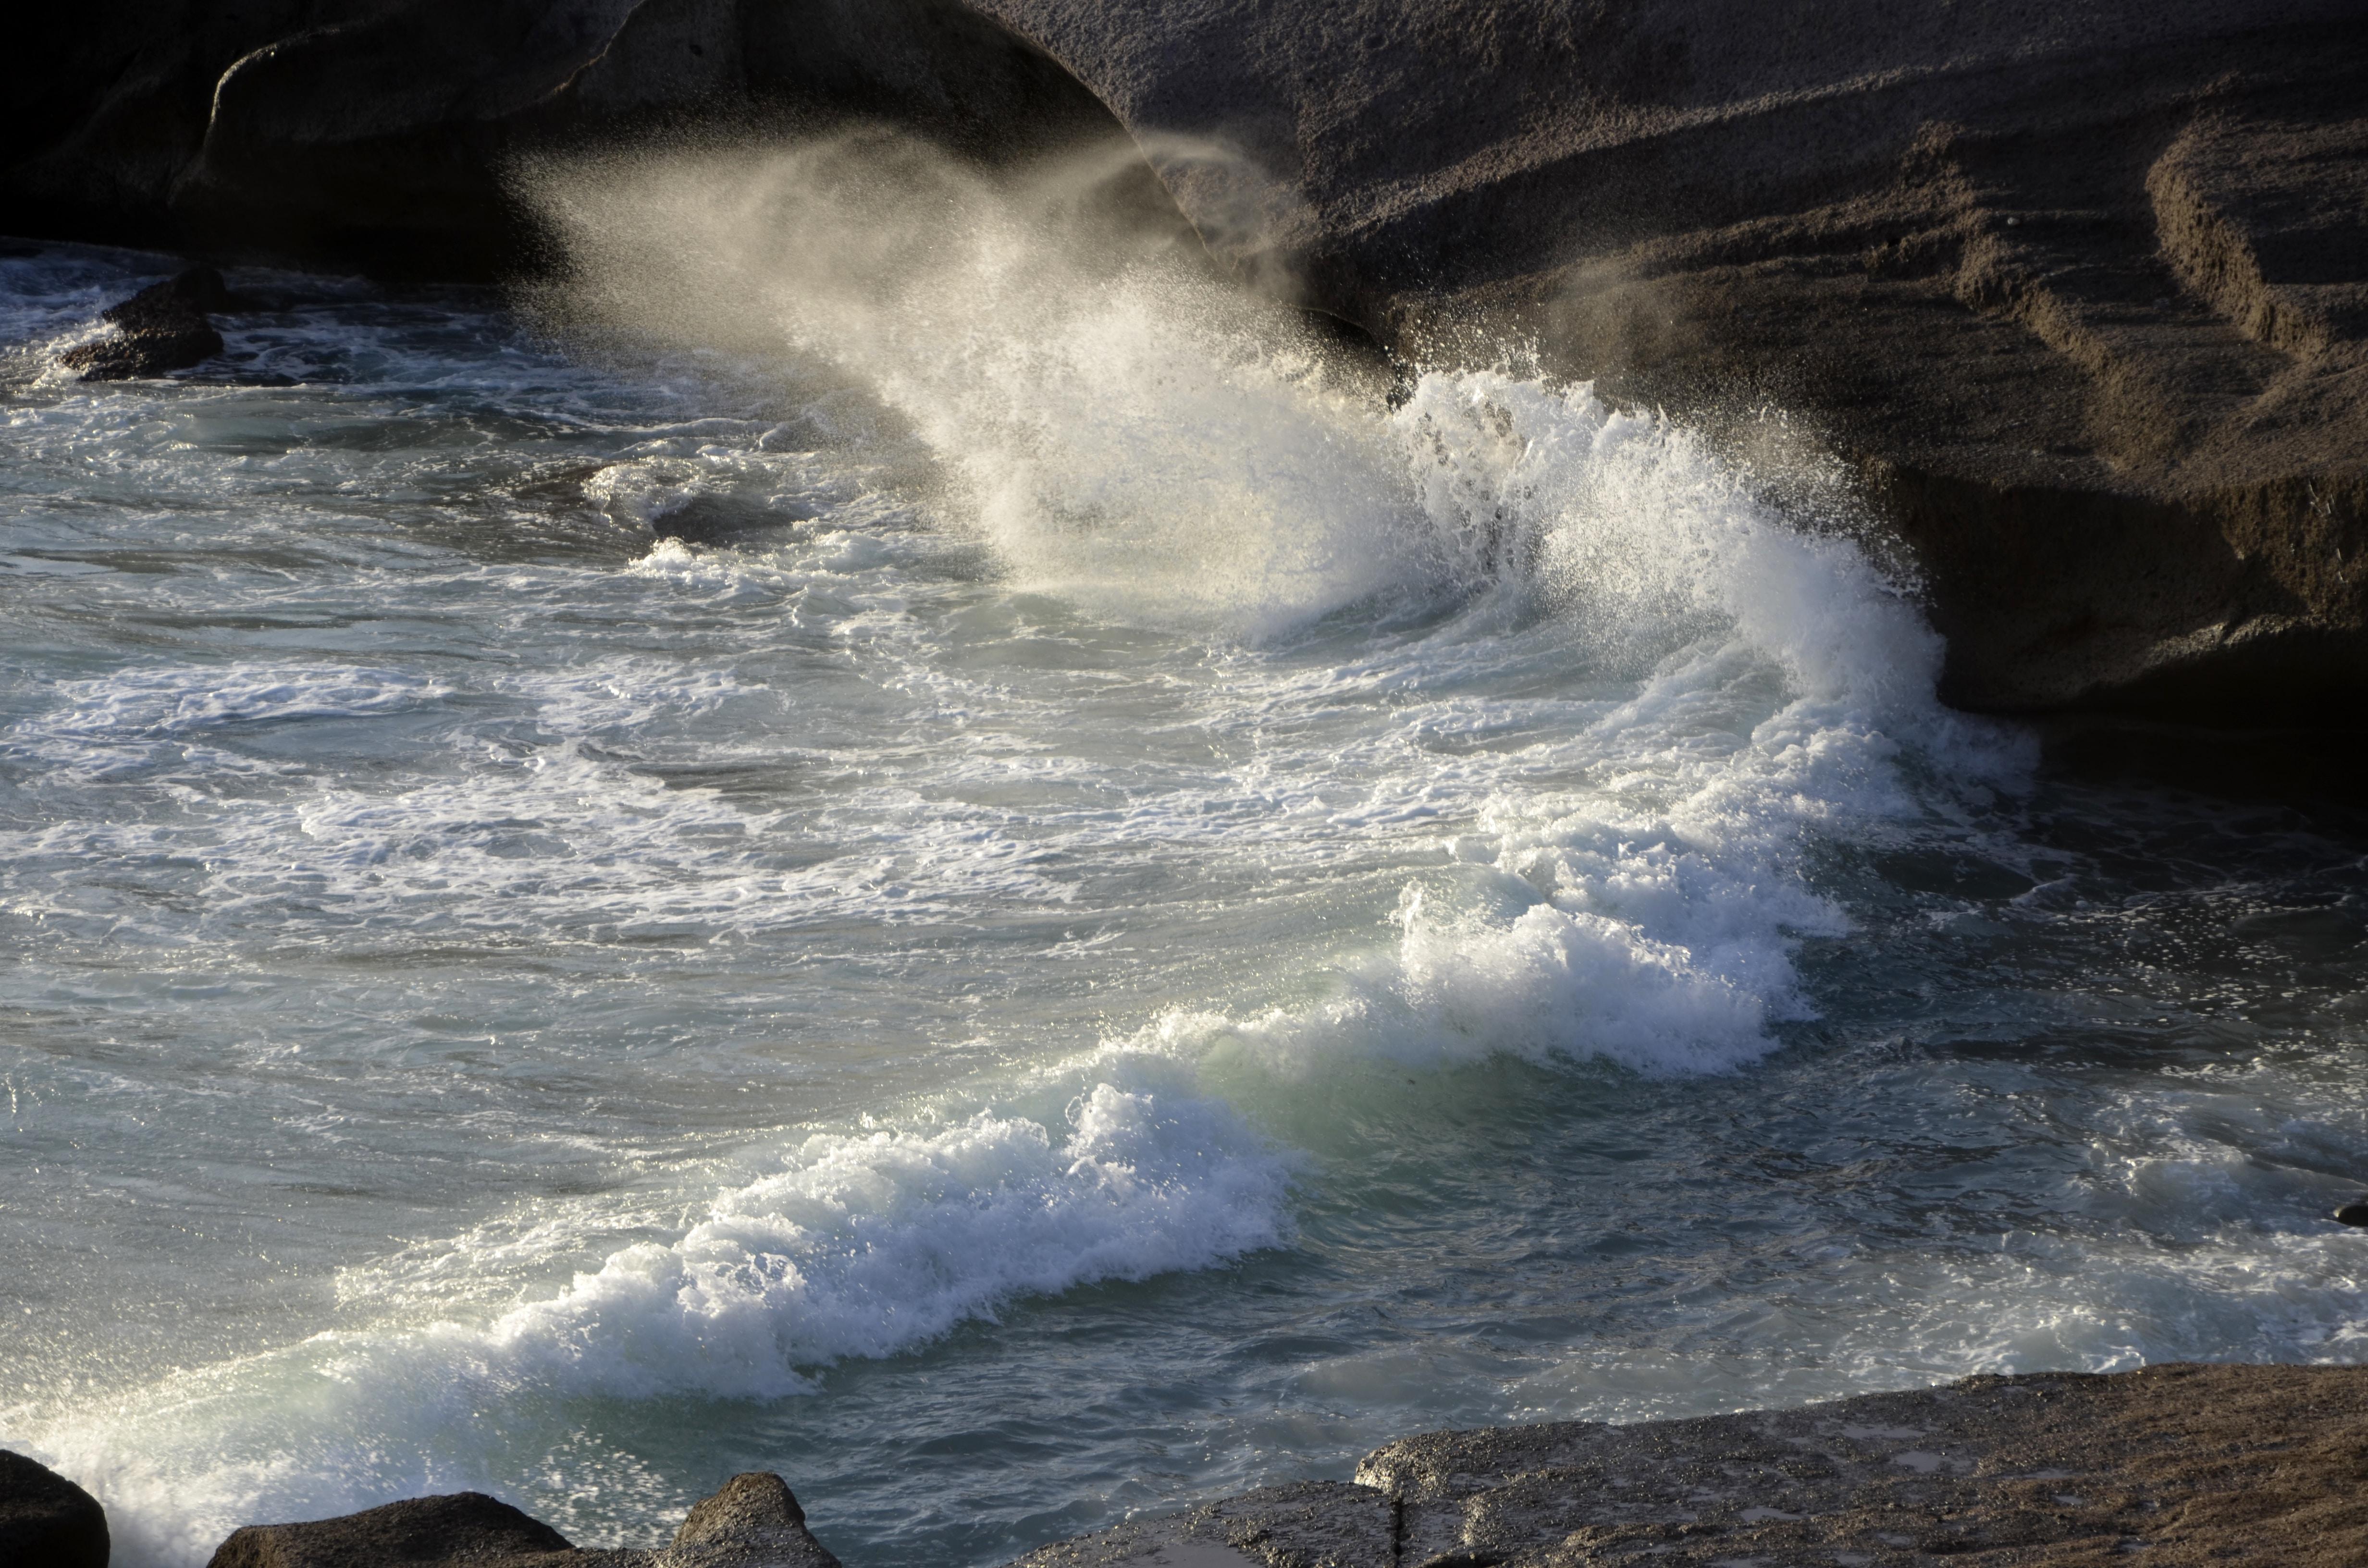 sea wave splashing on rocks during daytime